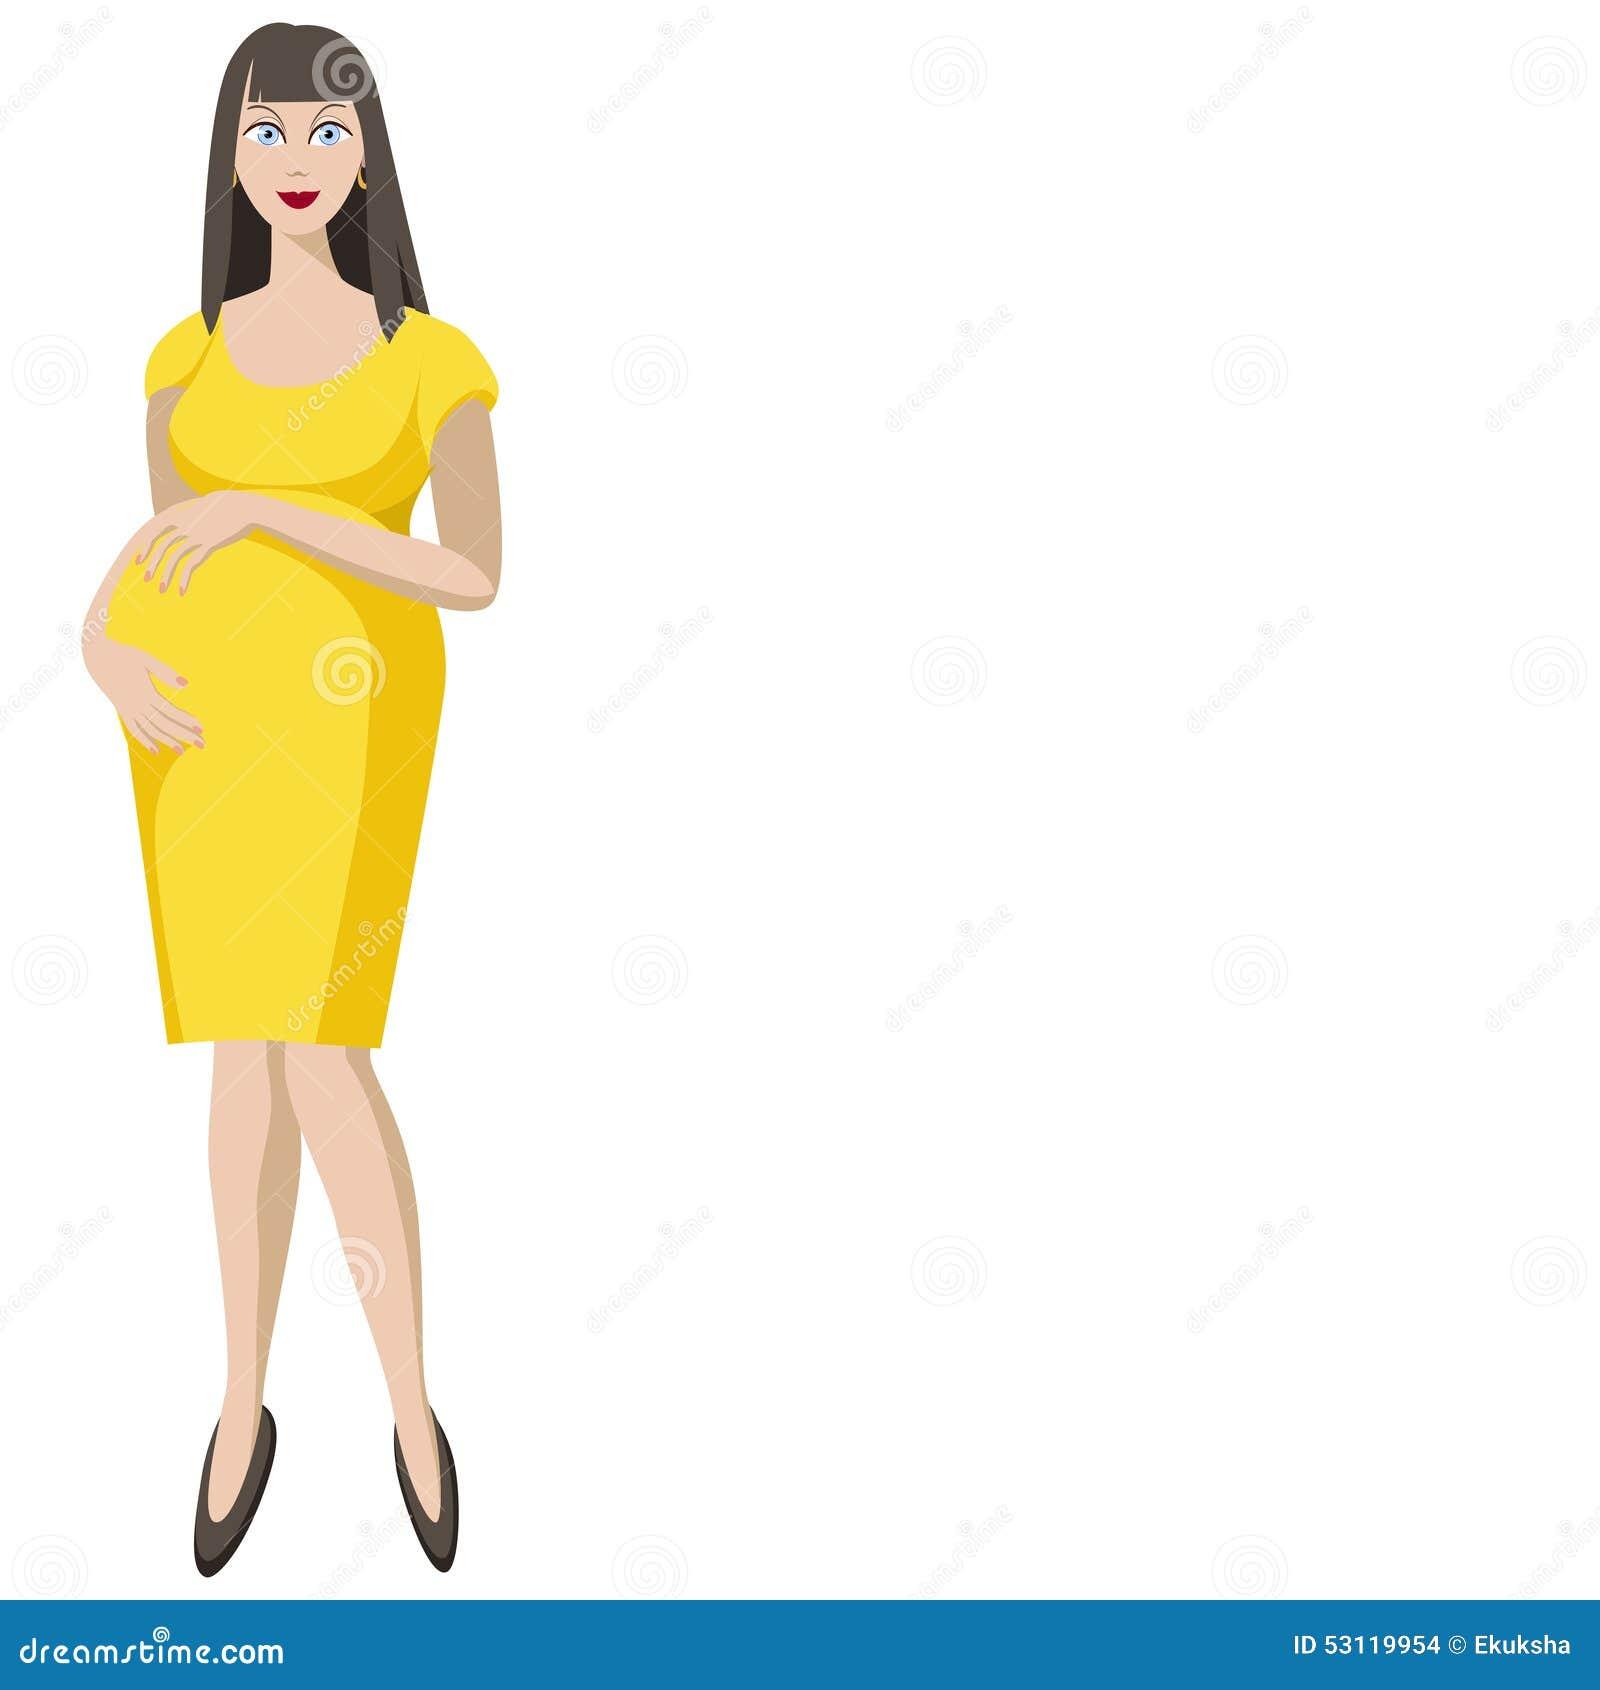 deb84106114f55 illustration-d-une-belle-jeune-femme-enceinte-dans-la-robe-jaune-53119954.jpg